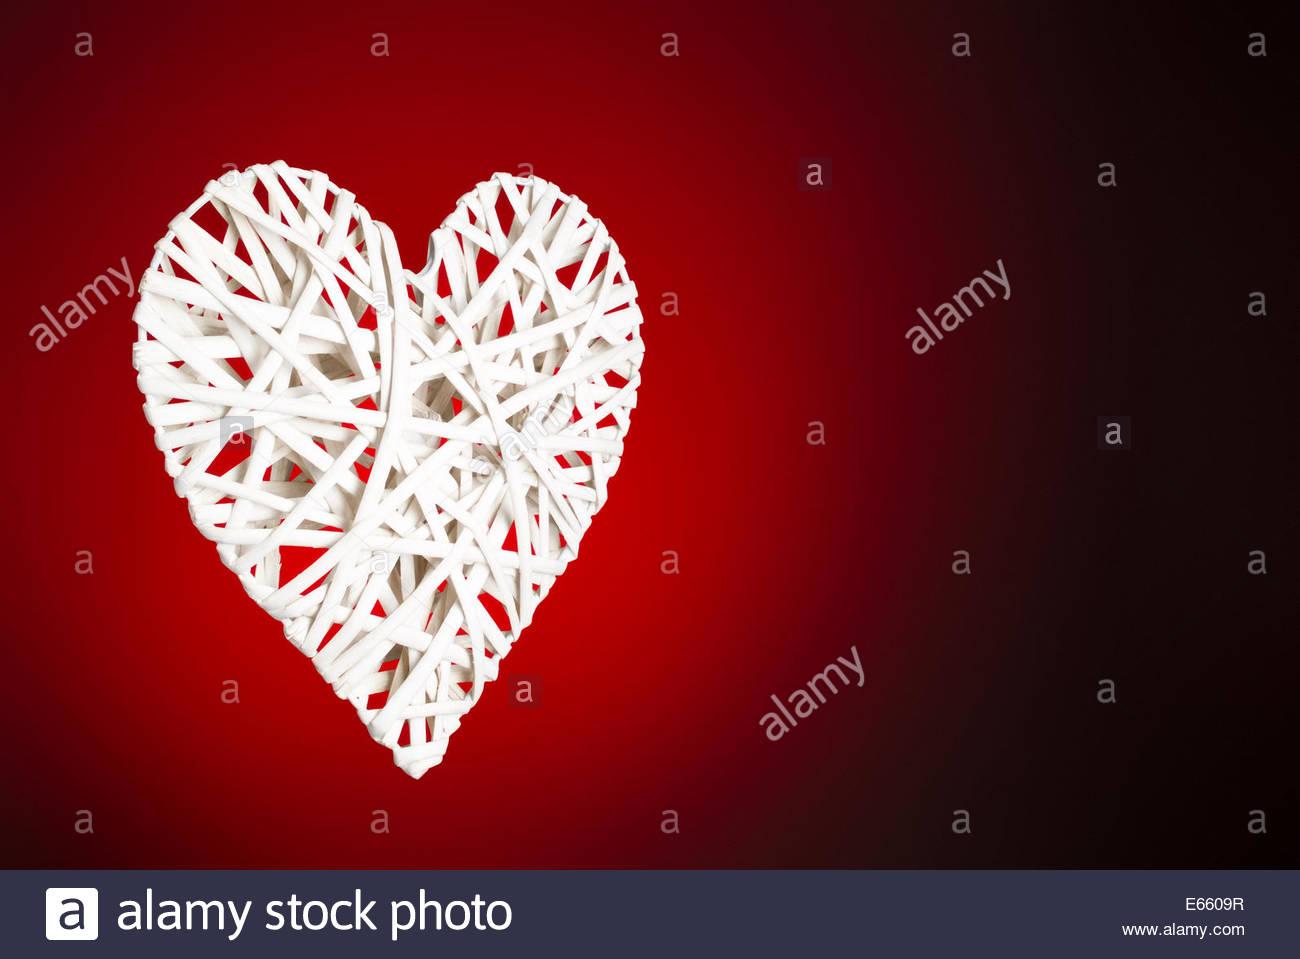 Cuore di reticolo su sfondo rosso Immagini Stock